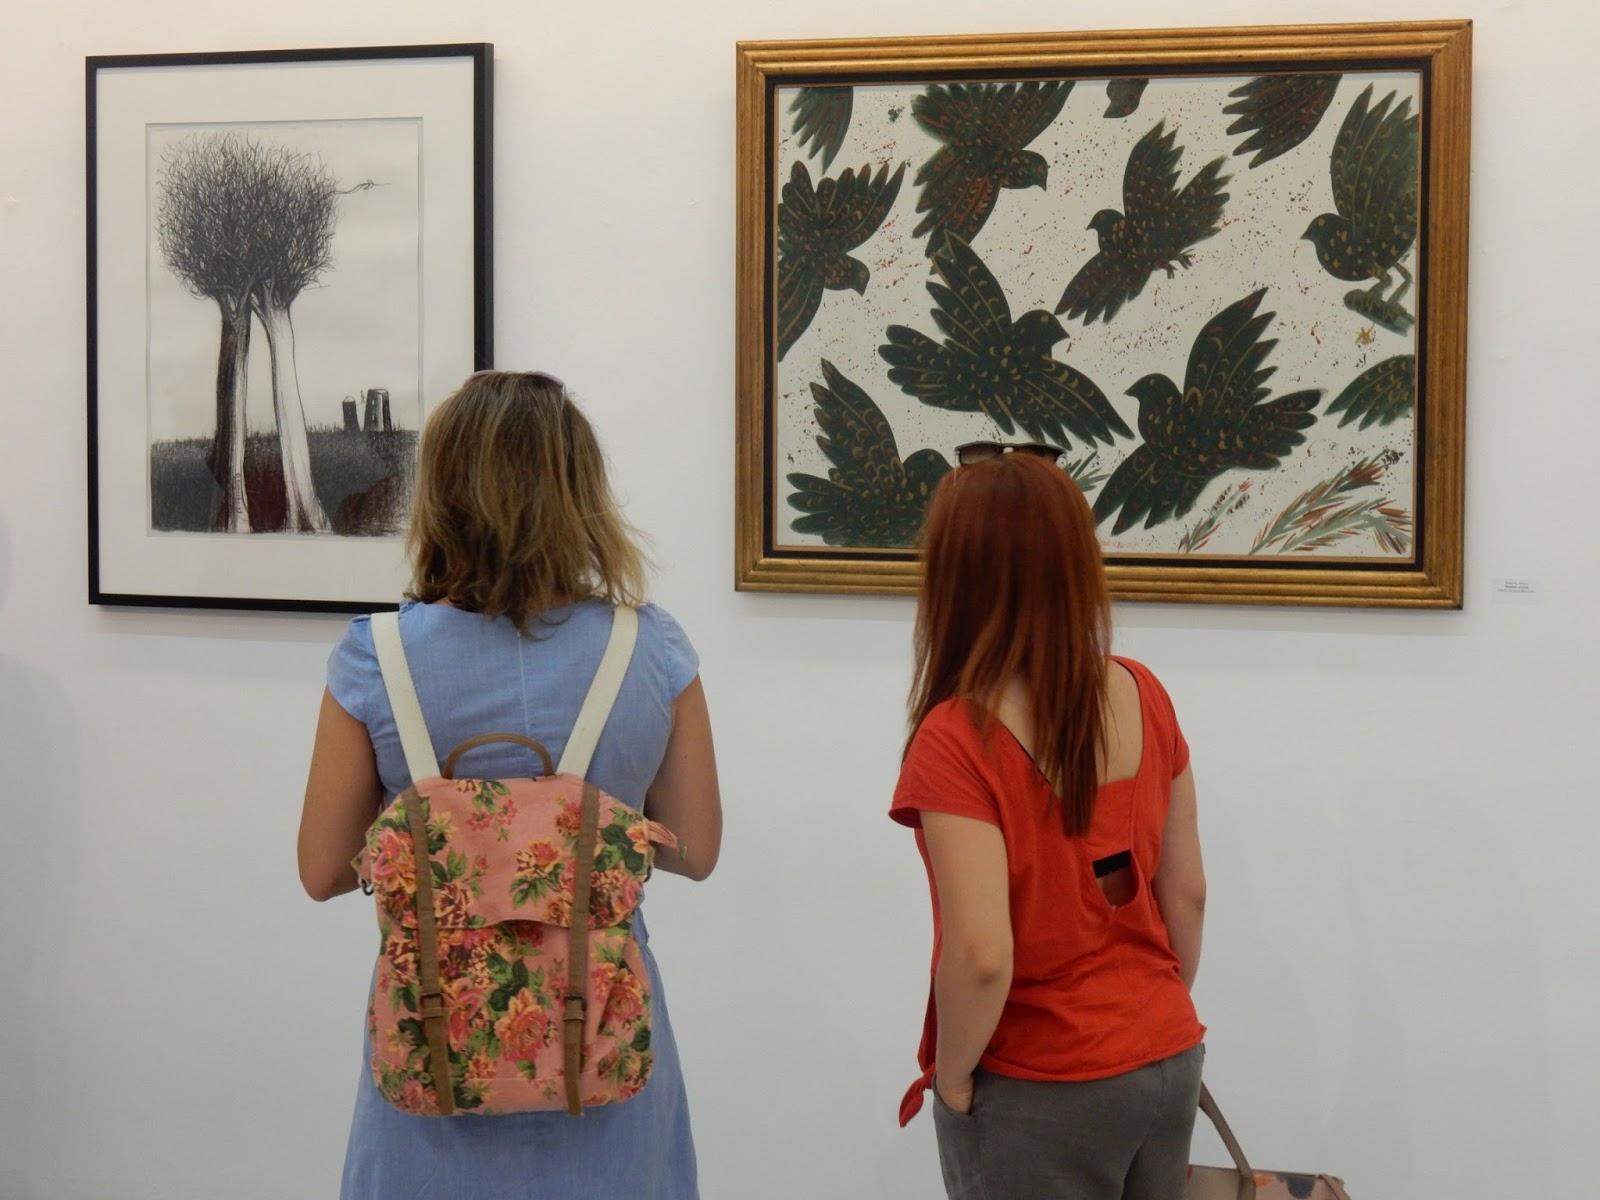 Τελευταία ανοιχτή ελεύθερη ξενάγηση στη Δημοτική Πινακοθήκη Λάρισας